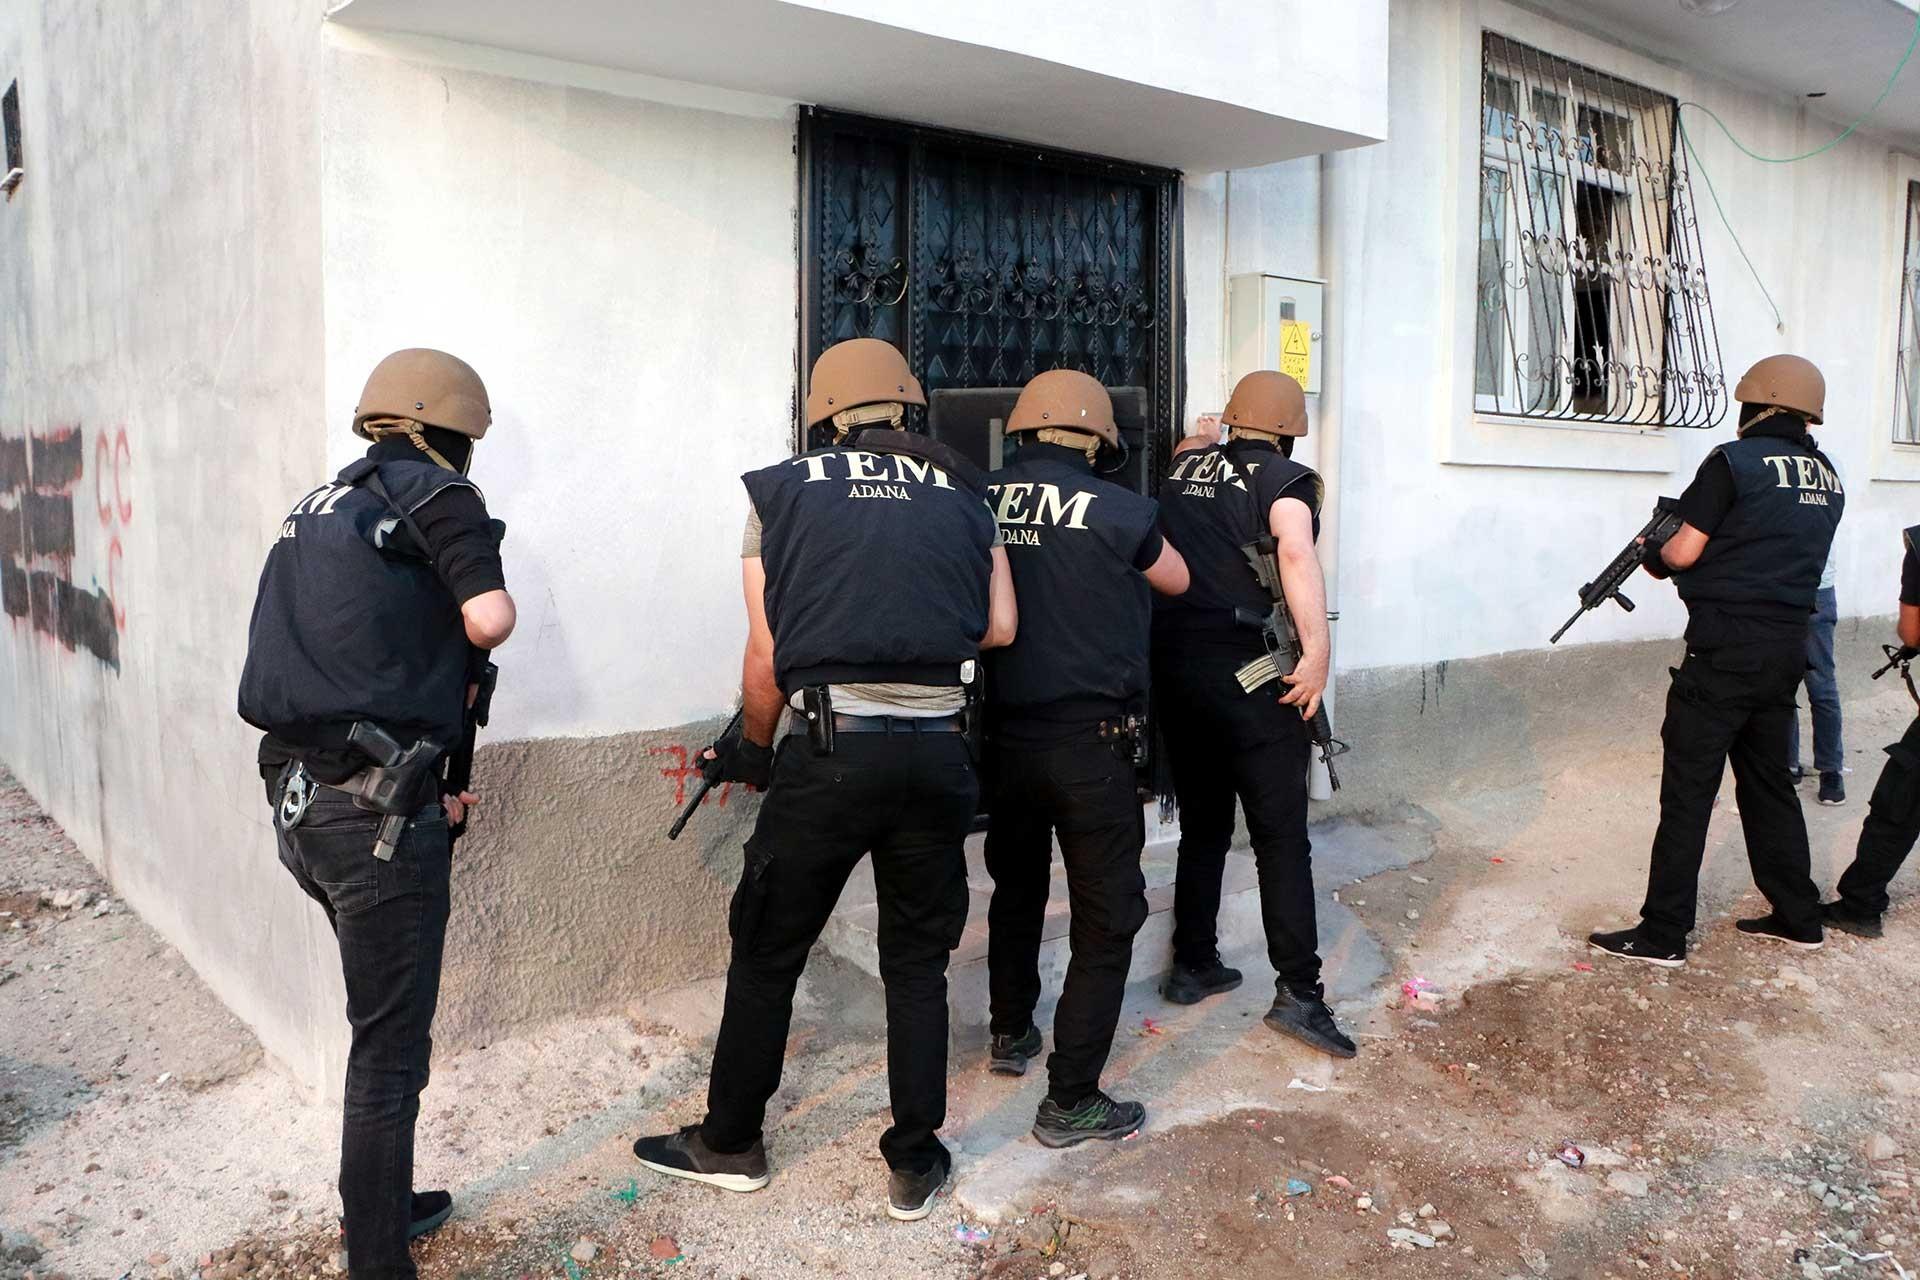 Adana'da TEM polisleri bir eve baskın düzenlerken